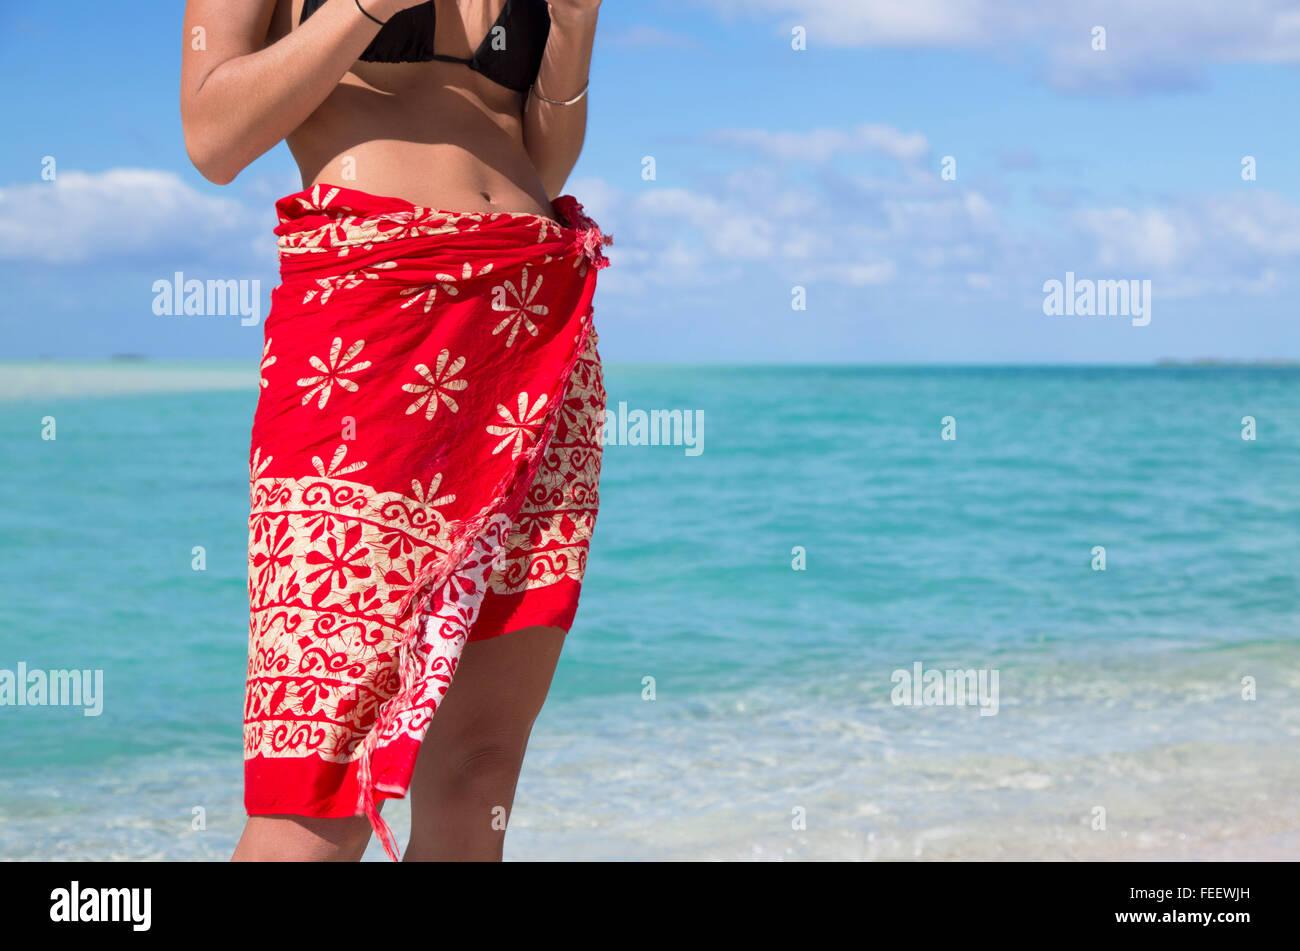 Donna alla Laguna Blu, Fakarava, isole Tuamotu, Polinesia francese (MR) Immagini Stock